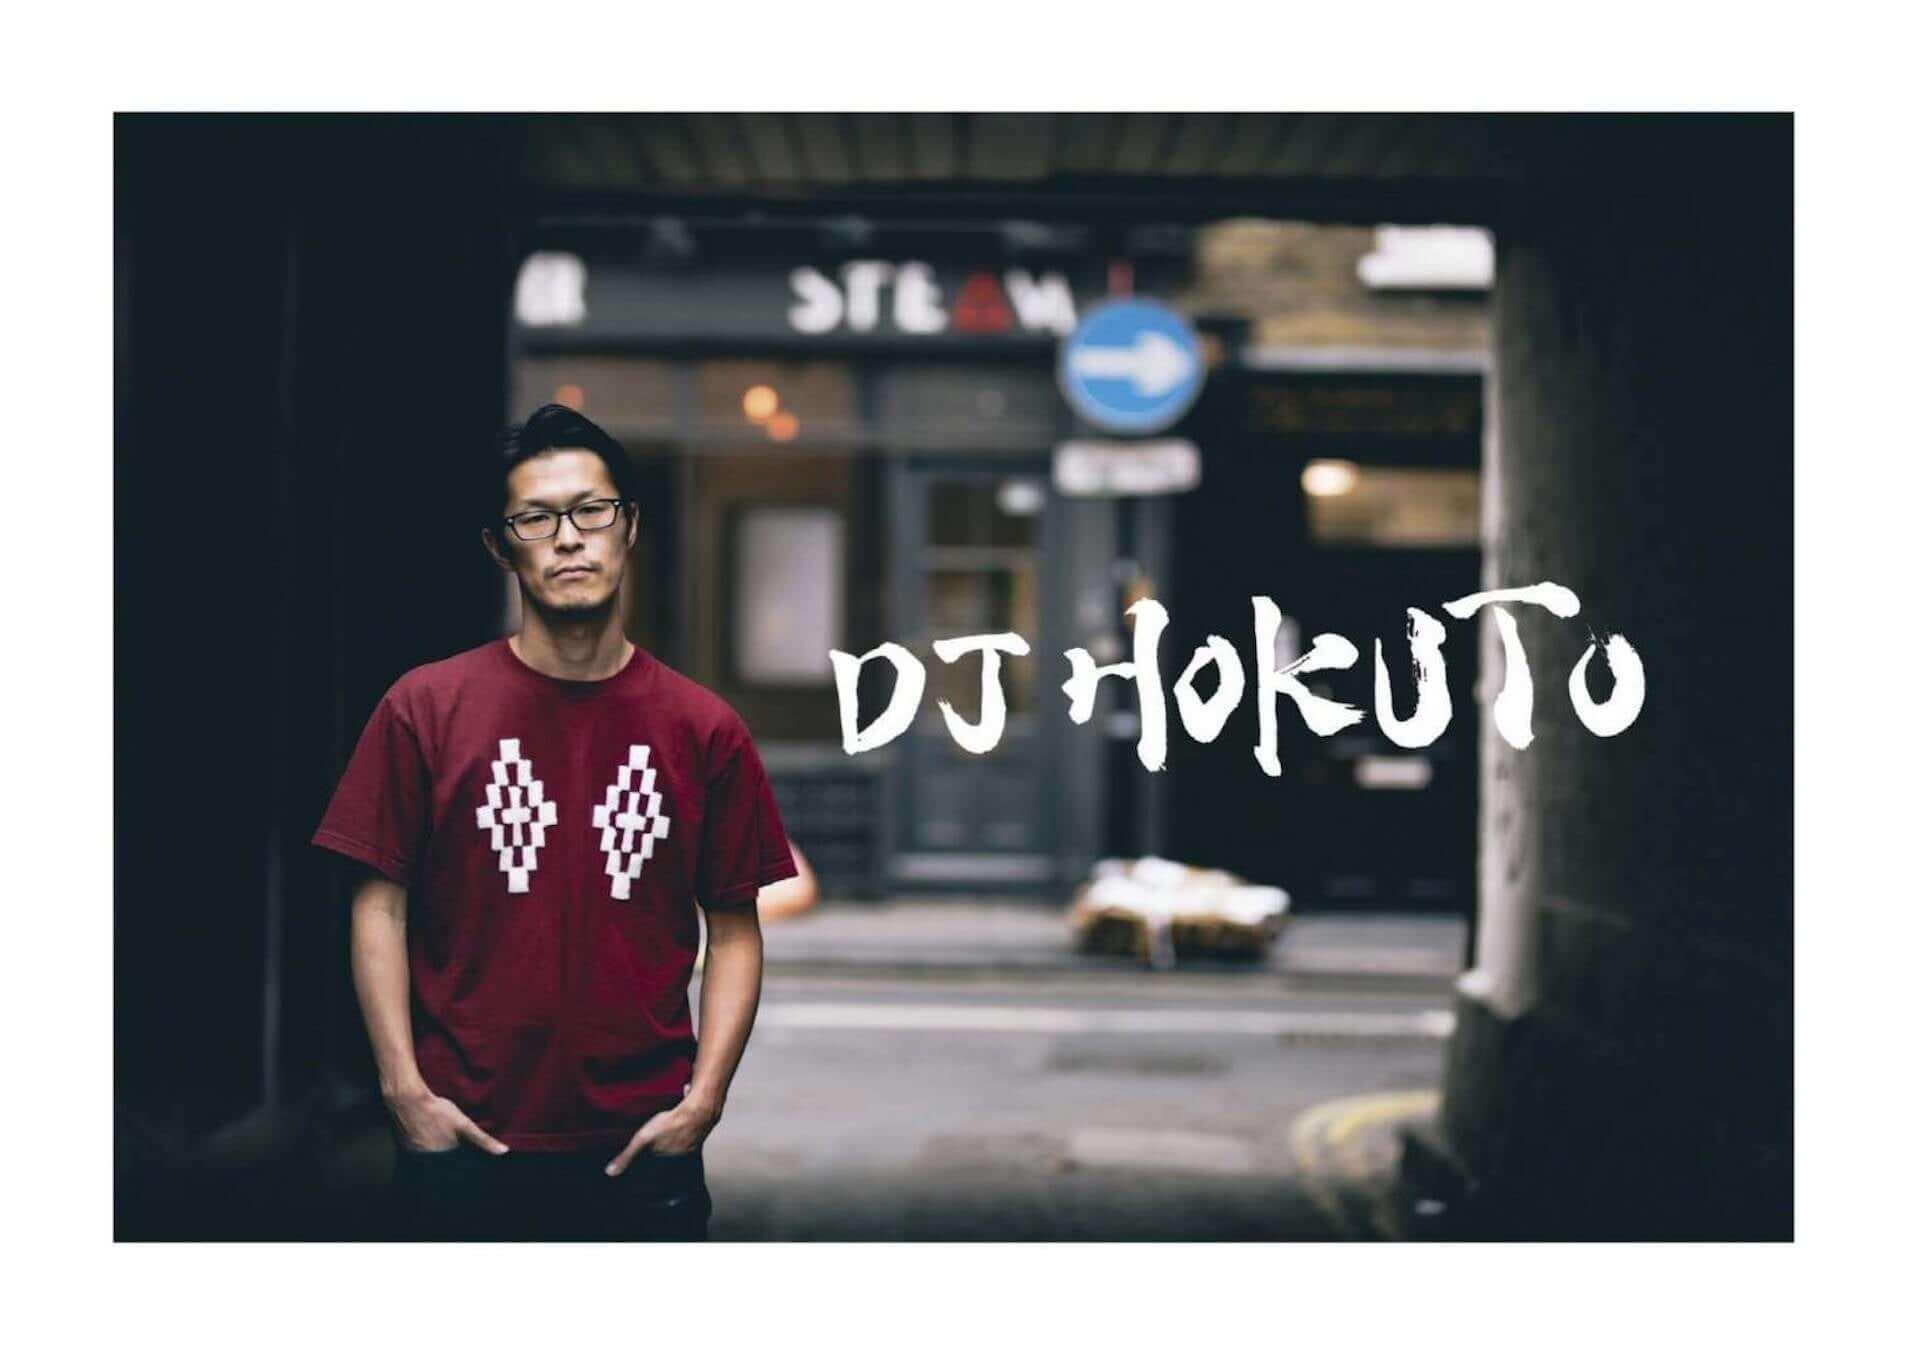 渋谷・VISIONの営業再開パーティー第3&4弾が今週末開催!FUJI TRILL、DJ HAZIME、DJ CHARI&DJ TATSUKIらが出演 music200625_vision-tokyo_7-1920x1357